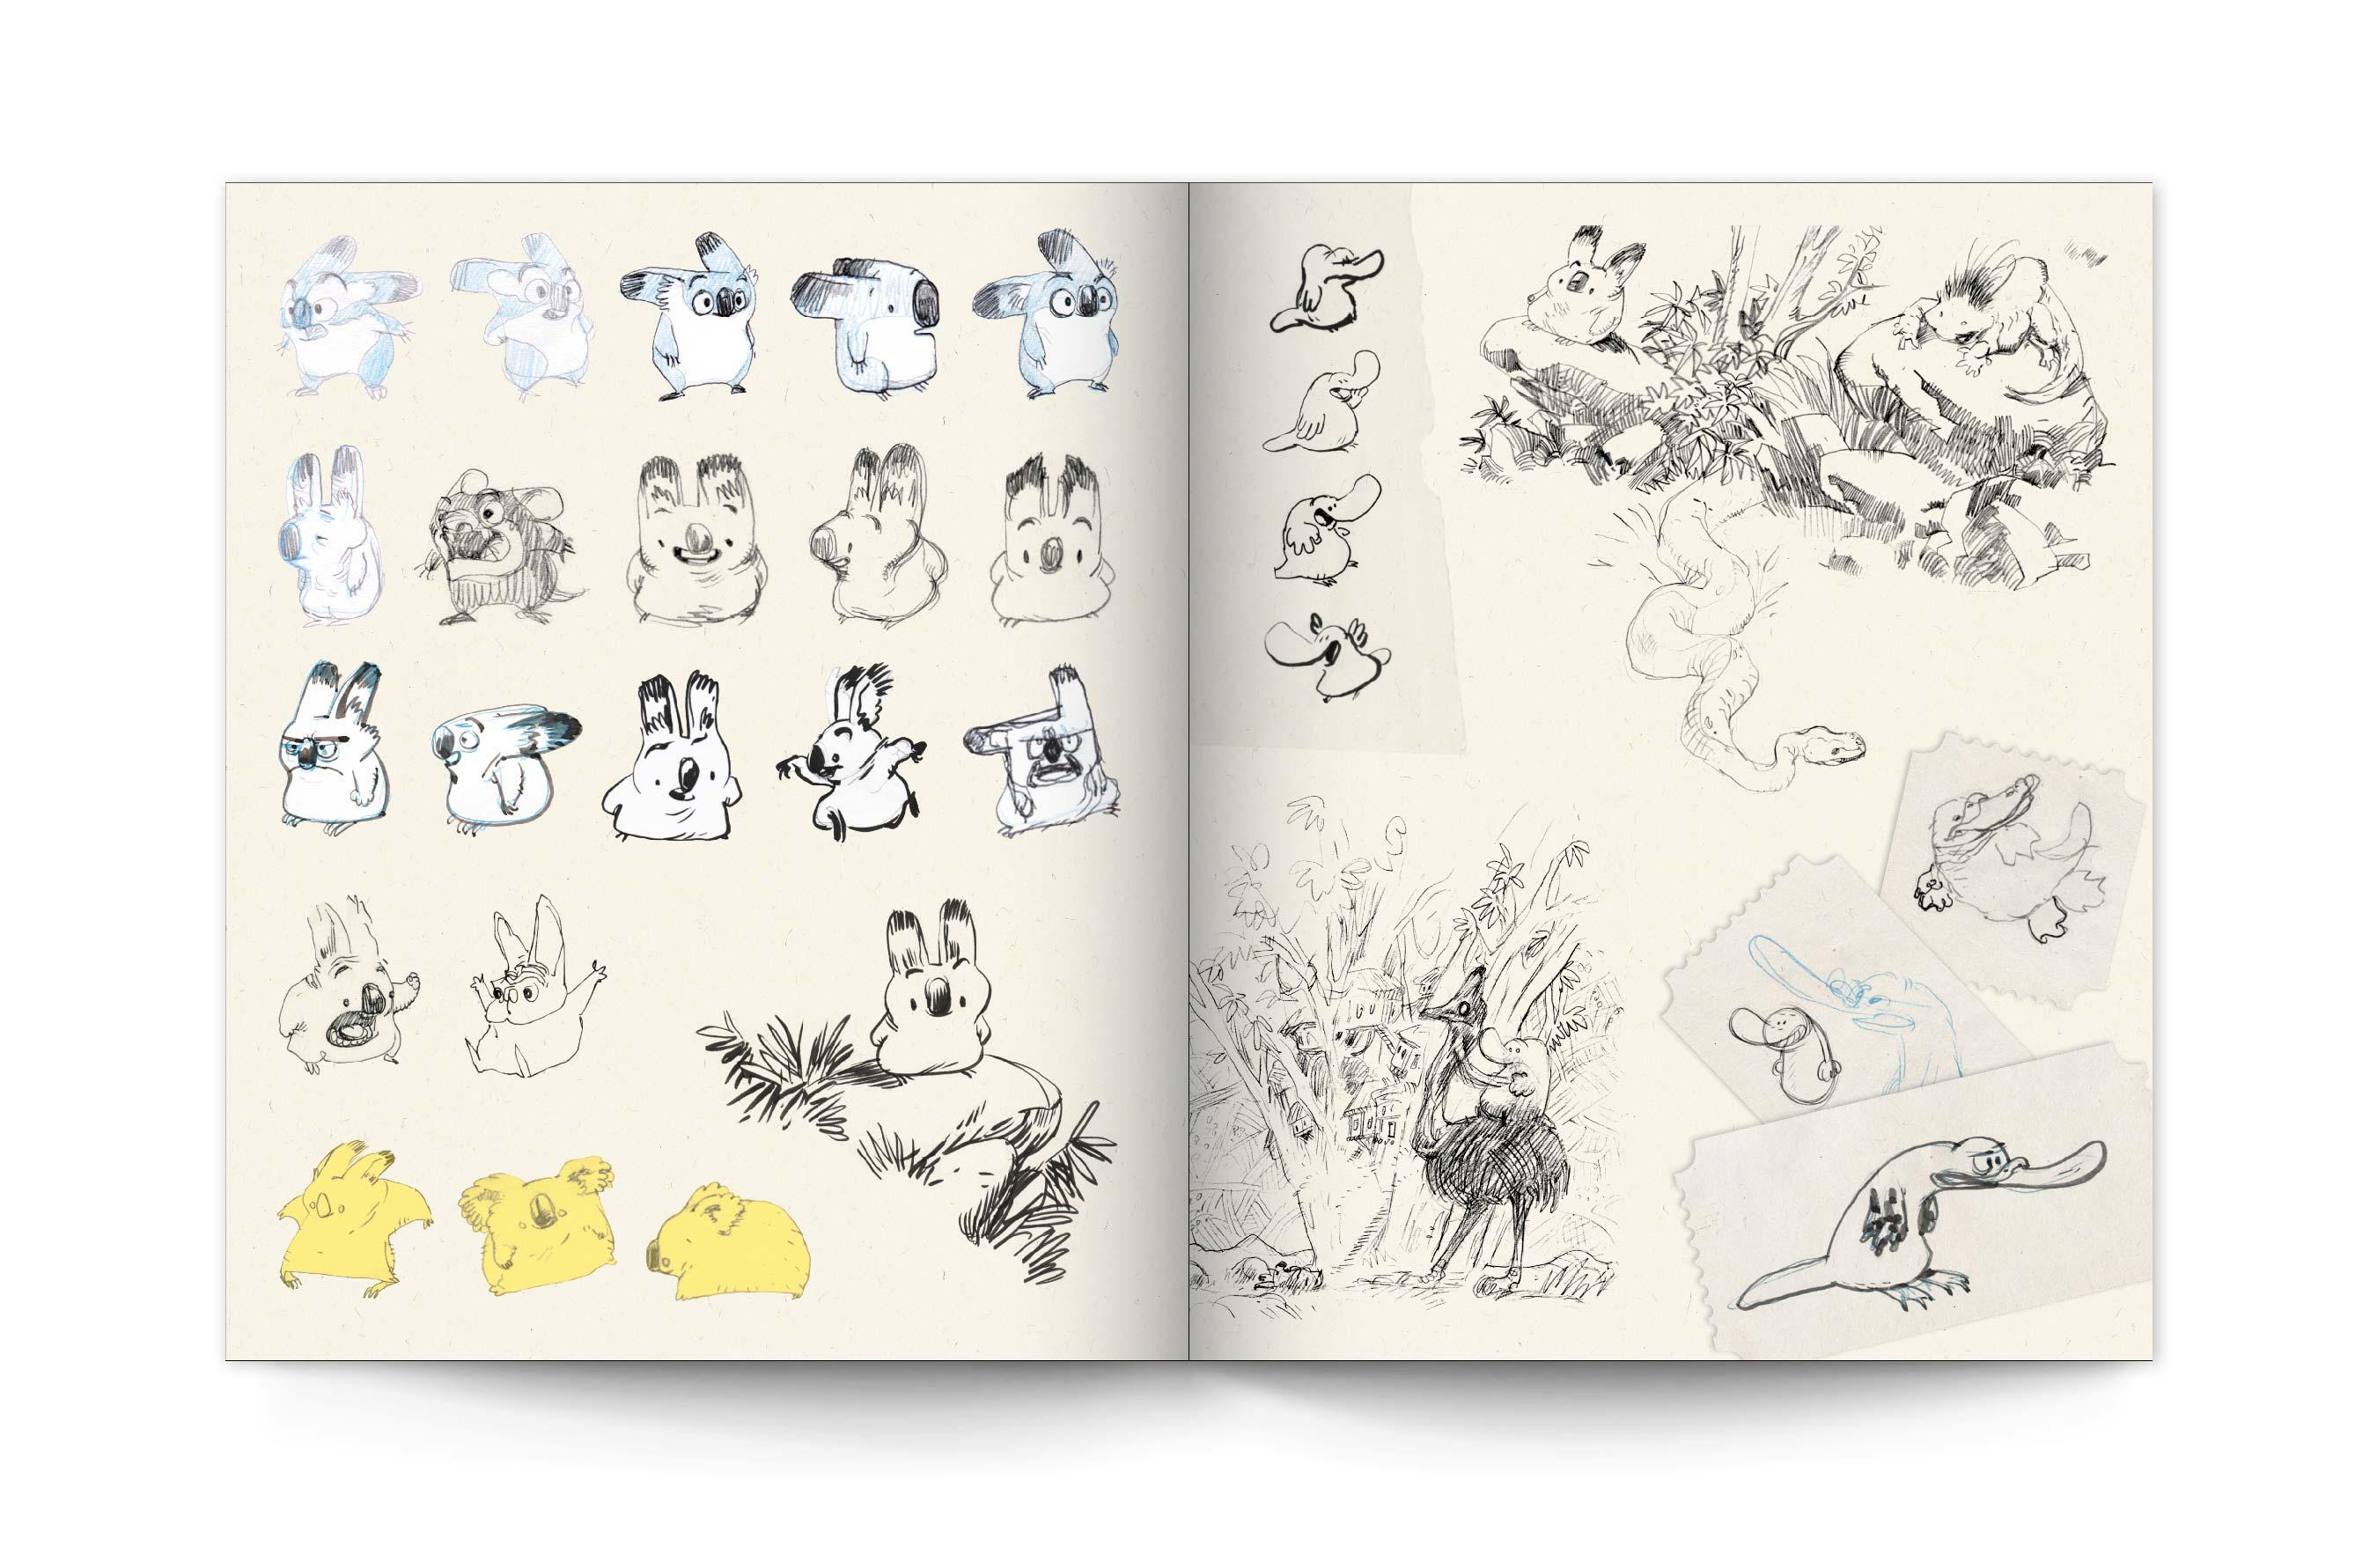 Sketchbook Yoann 3